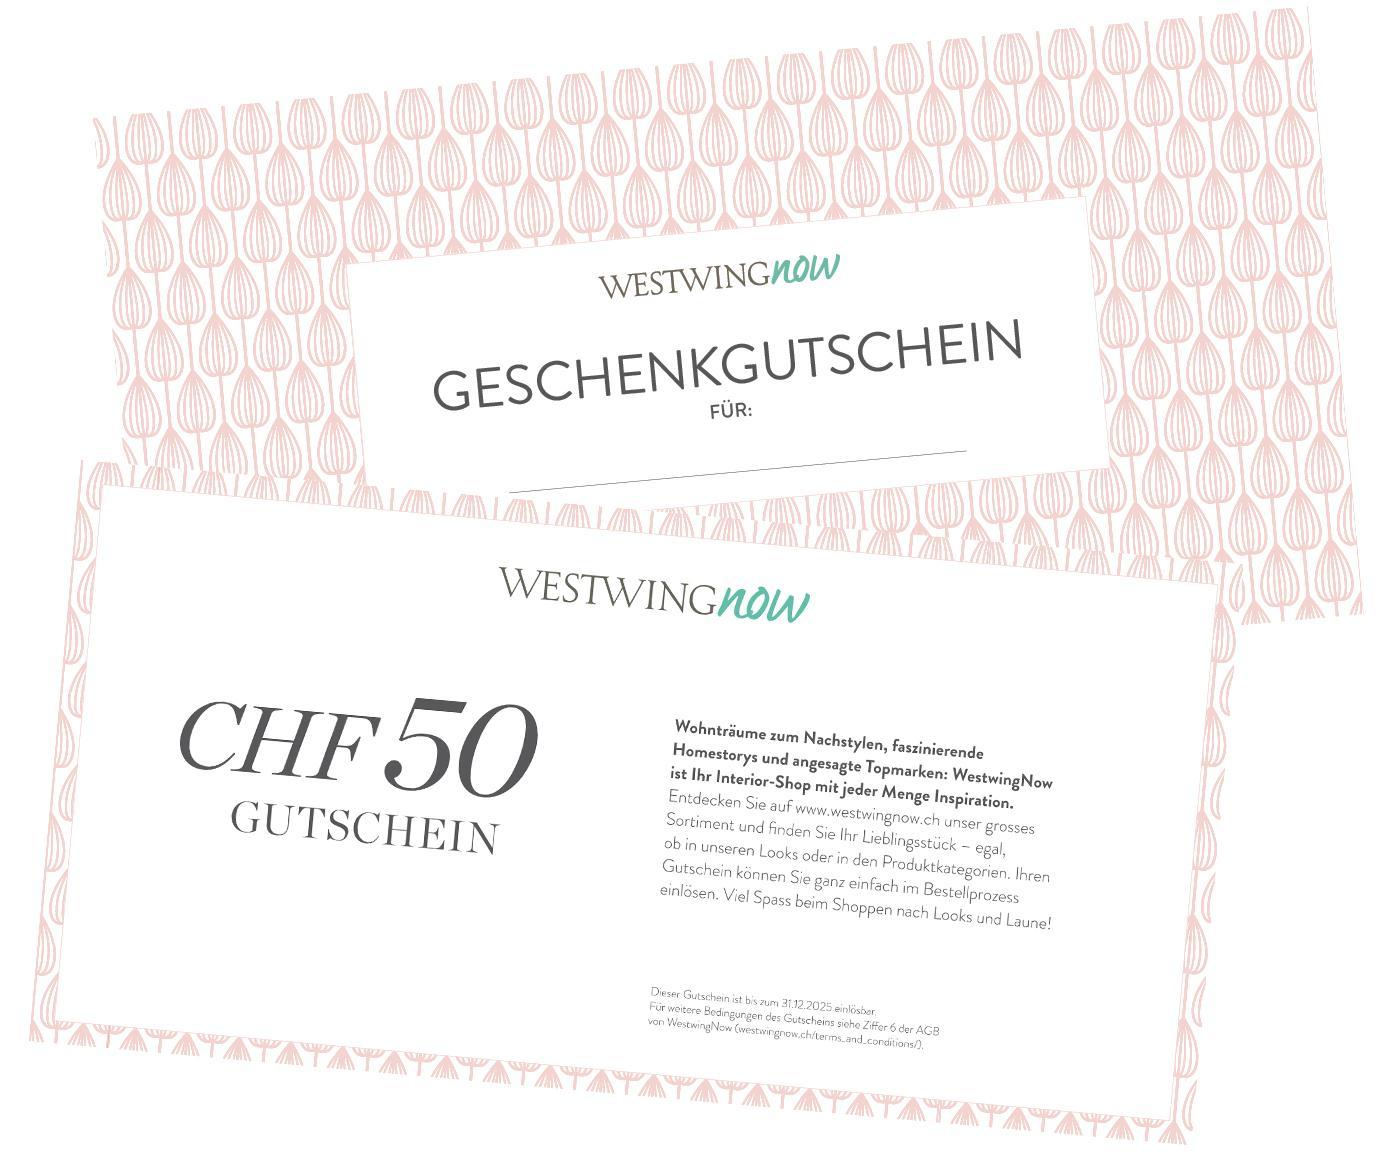 Gutscheinkarte, Gutschein auf edlem Papier, in hochwertigem Kuvert, Mehrfarbig, 50